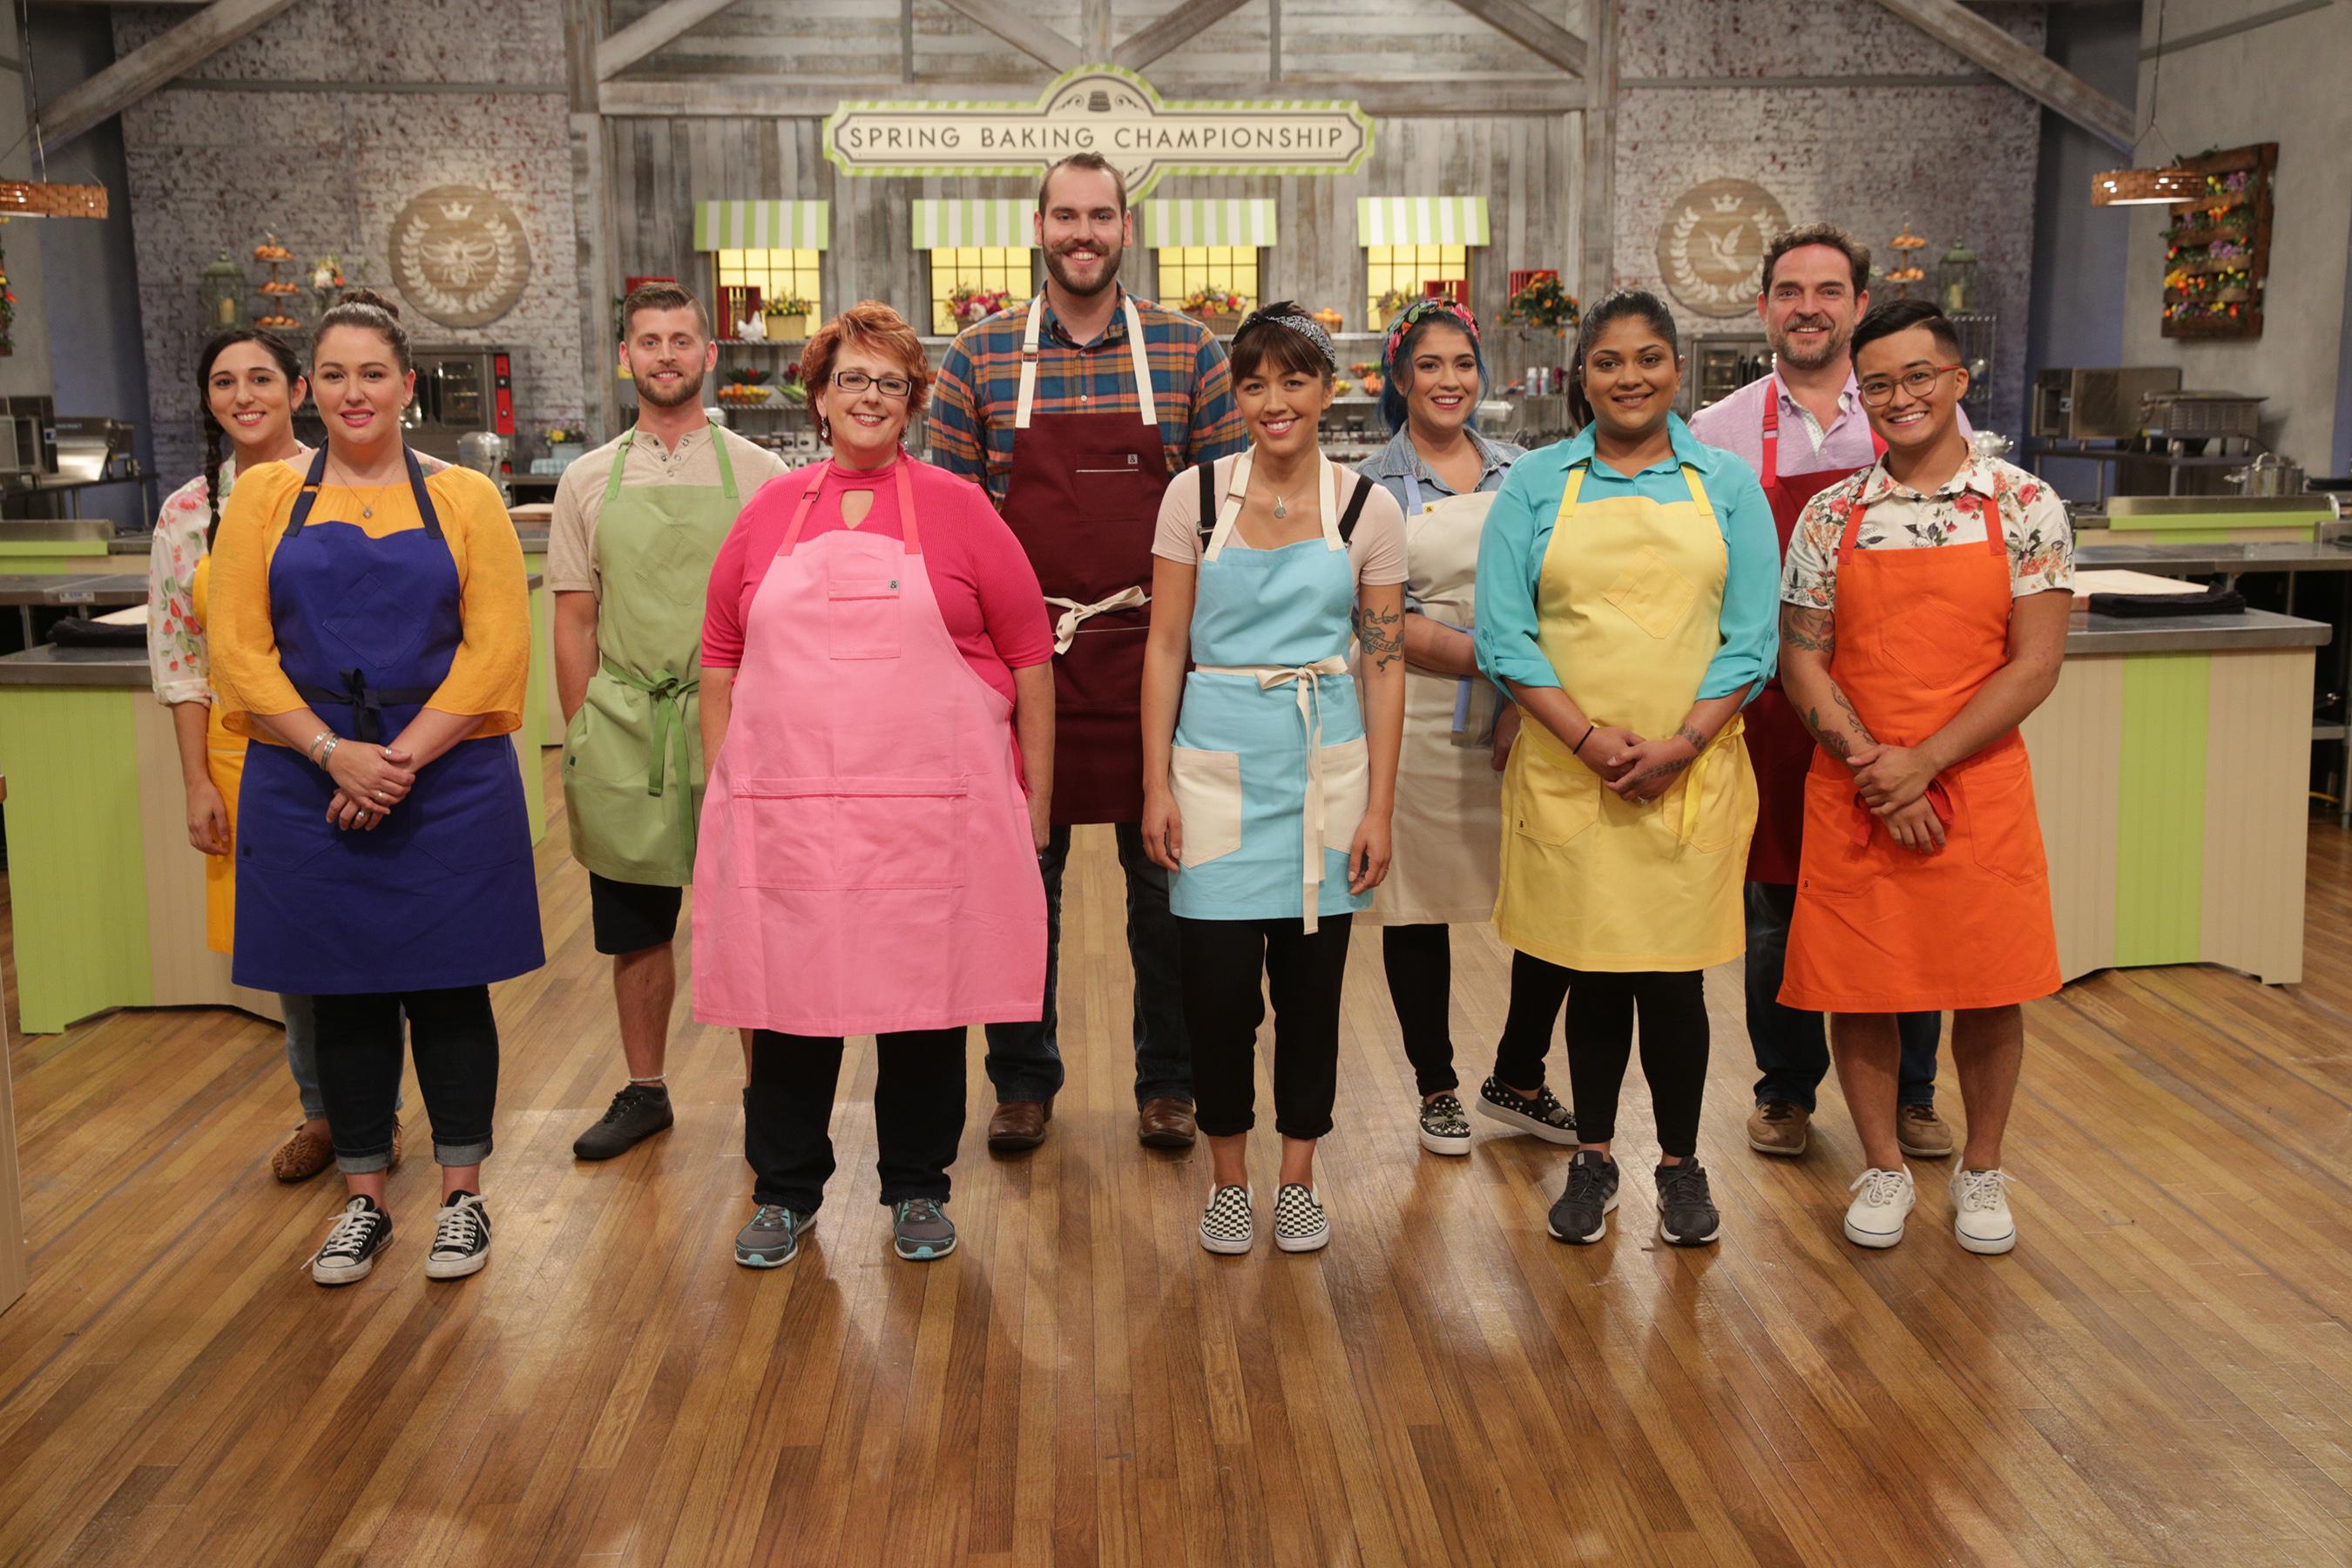 Food Network Bake Championship Judges